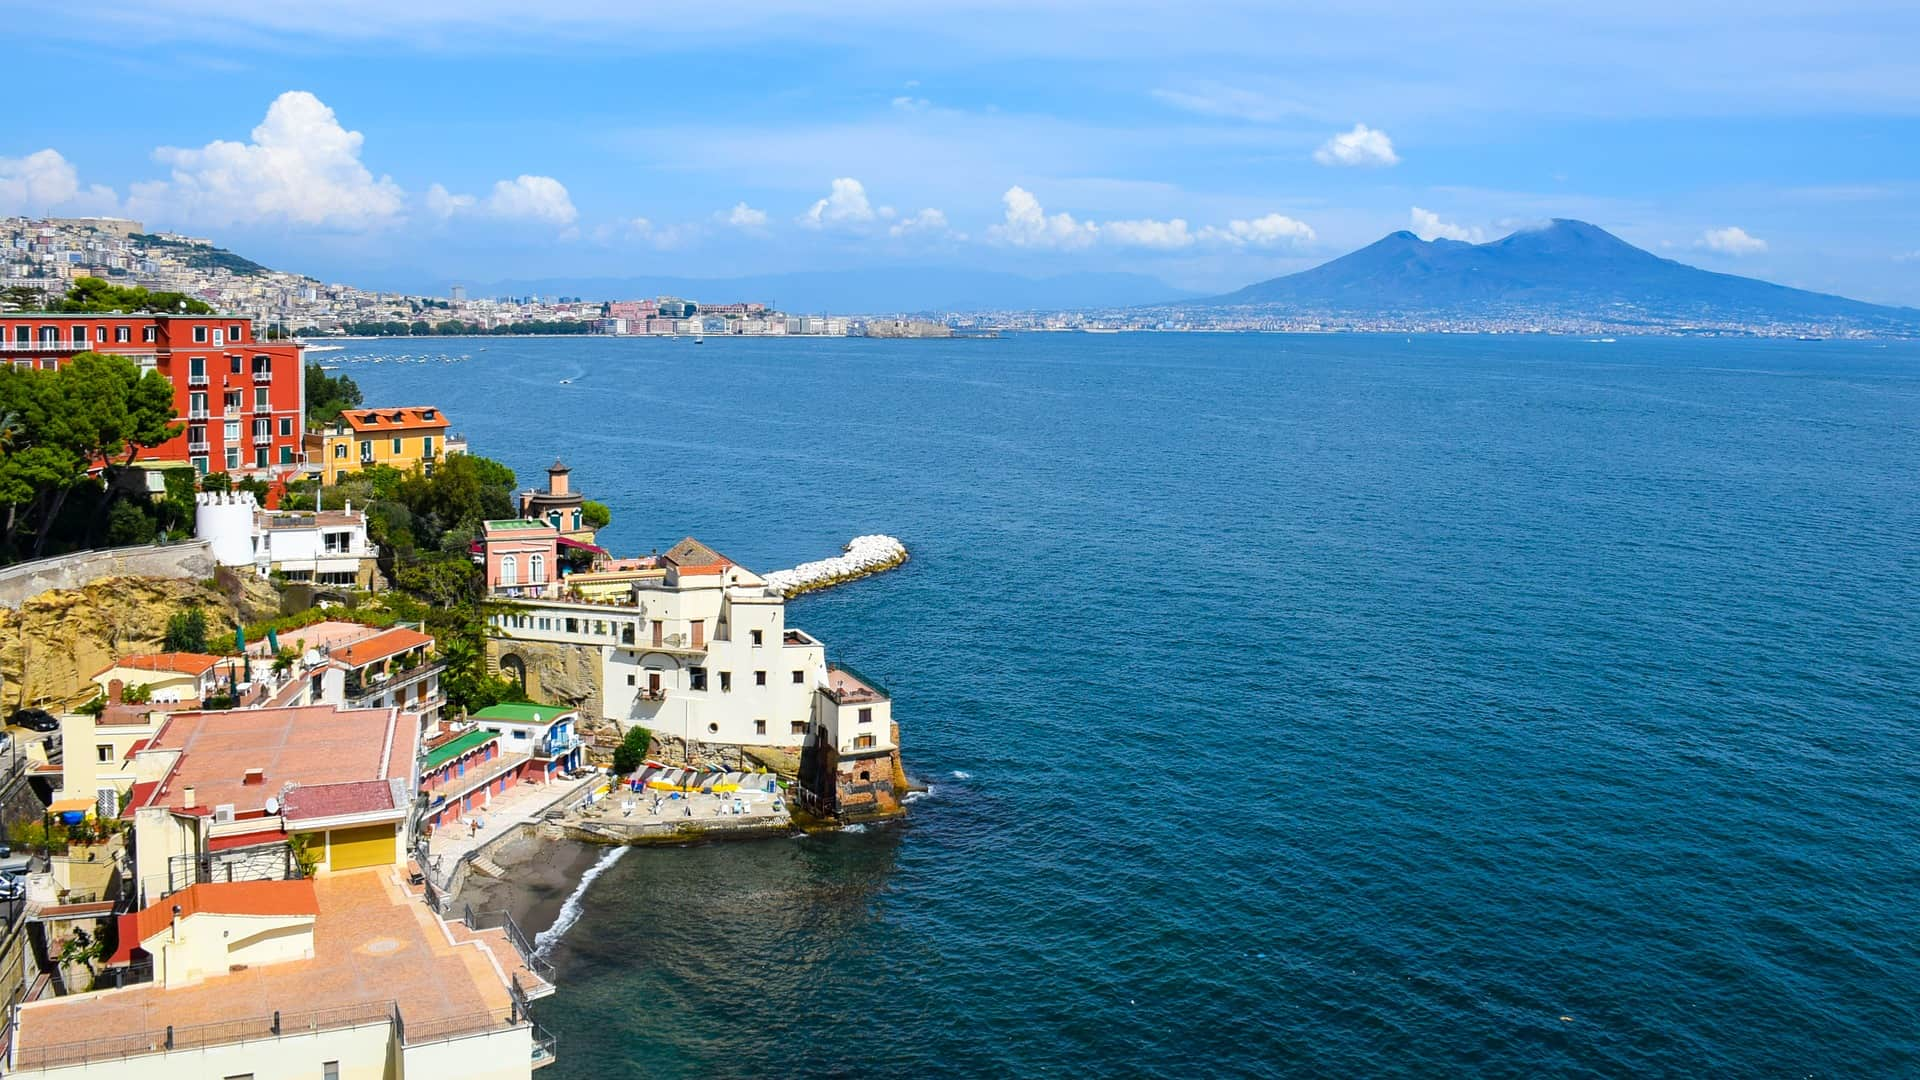 Kampanien Urlaub - 2 Wochen nur 202,98€ in der italienischen Region